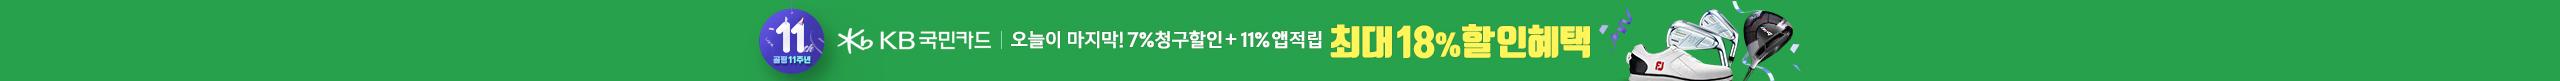 11주년_국민카드청구할인+앱적립